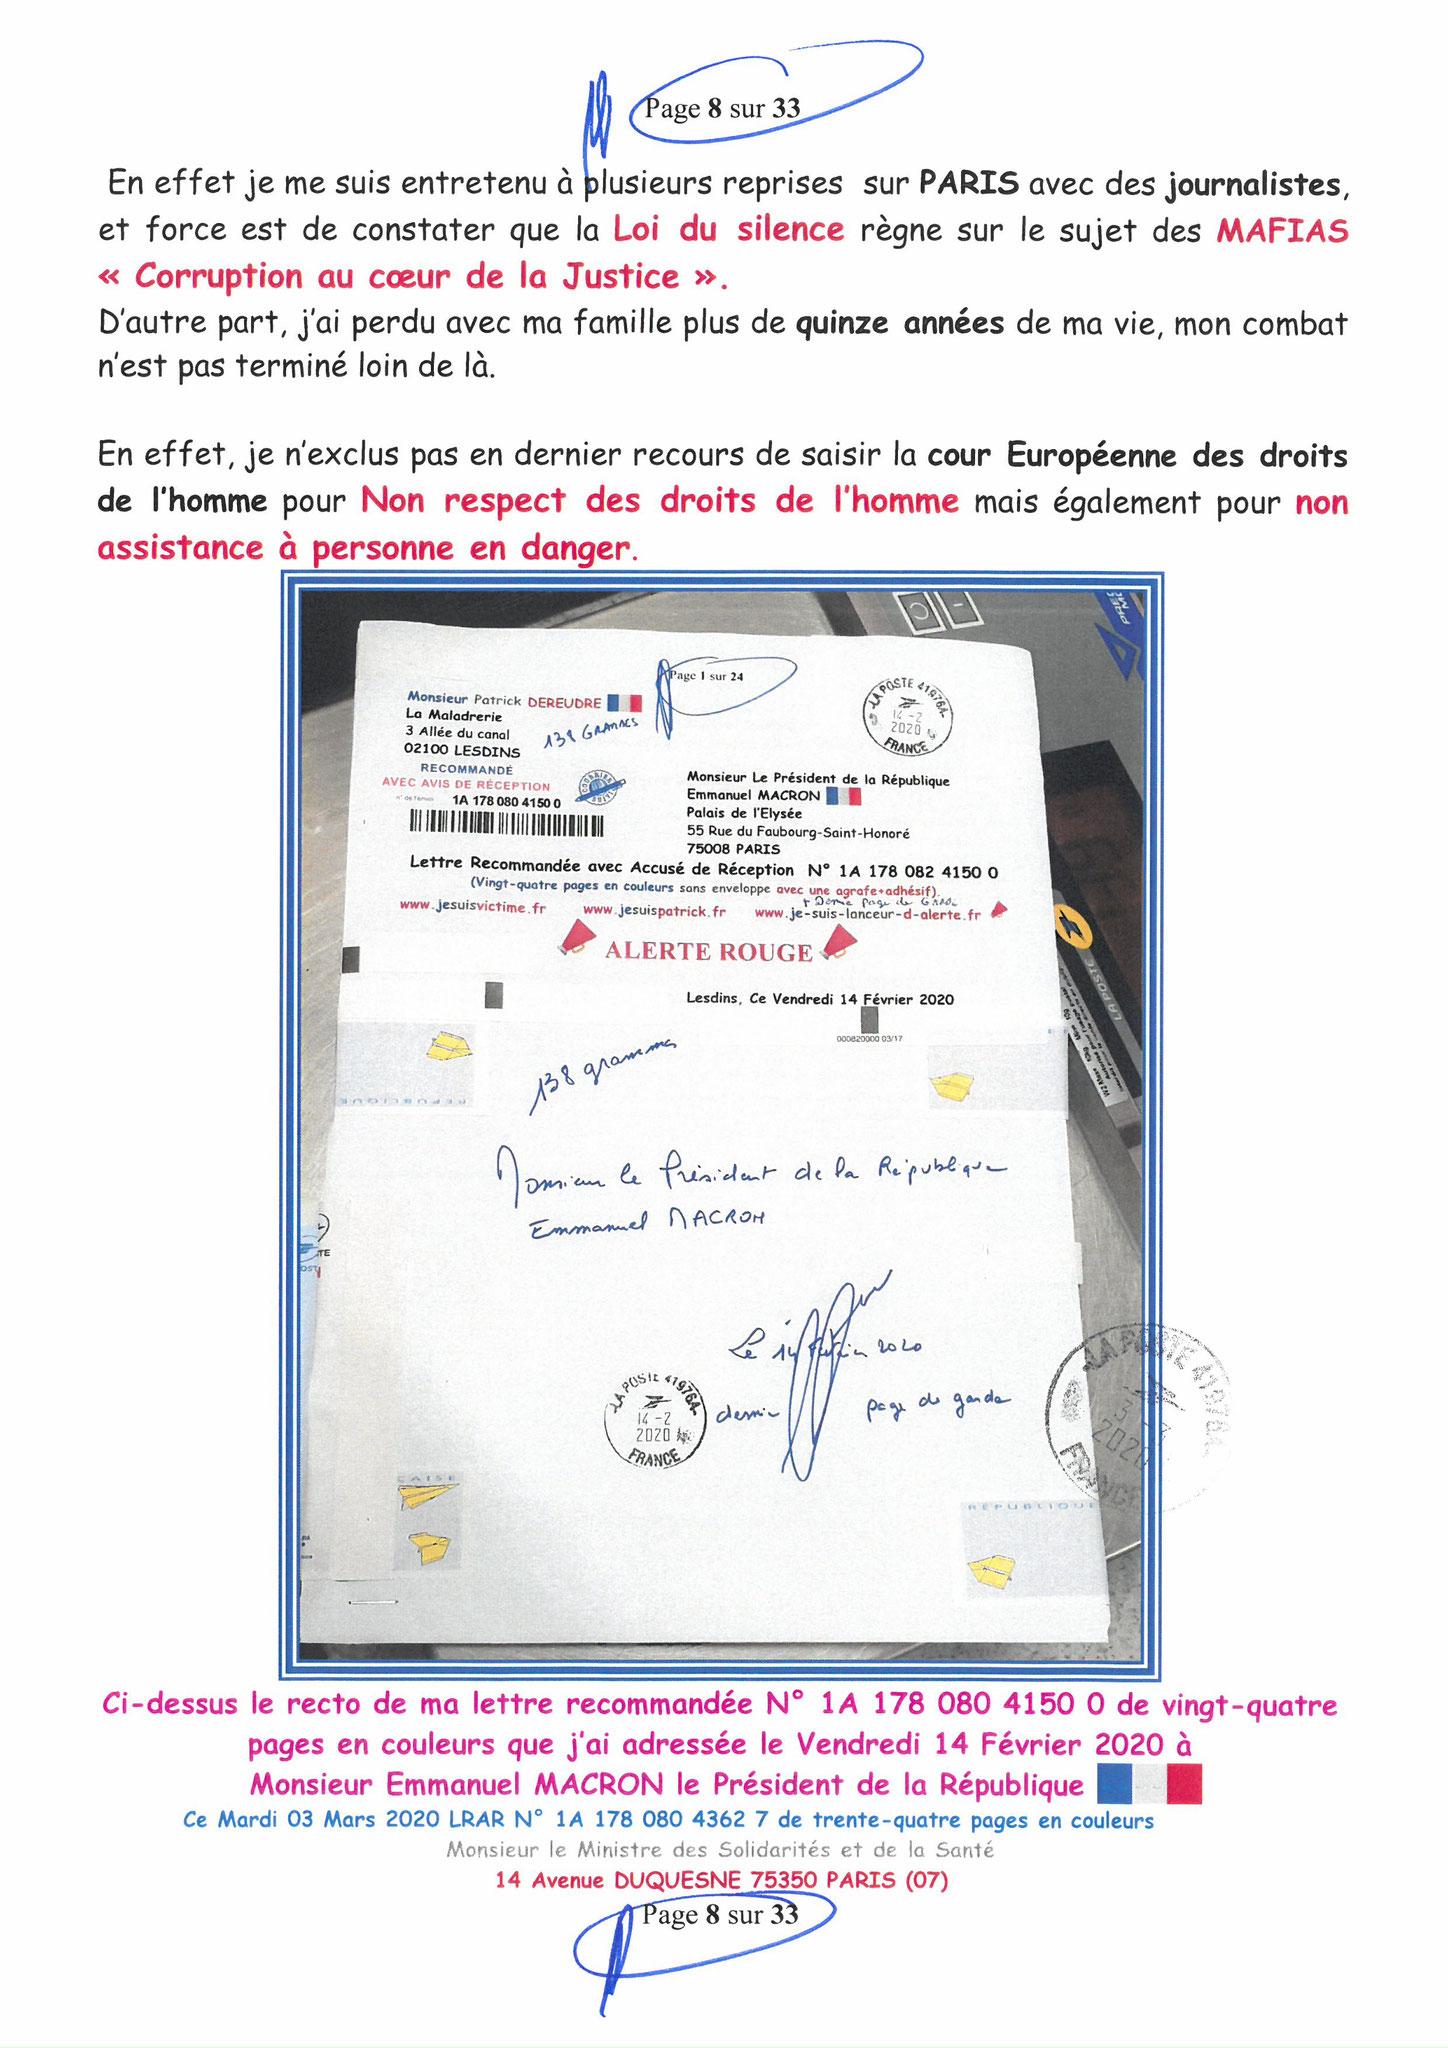 Page 8 sur 33 Ma lettre recommandée N0 1A 178 080 4362 7 du 03 Mars 2020 à Monsieur Olivier VERAN le Ministre de la Santé et des Solidarités www.jesuispatrick.fr www.jesuisvictime.fr www.alerte-rouge-france.fr